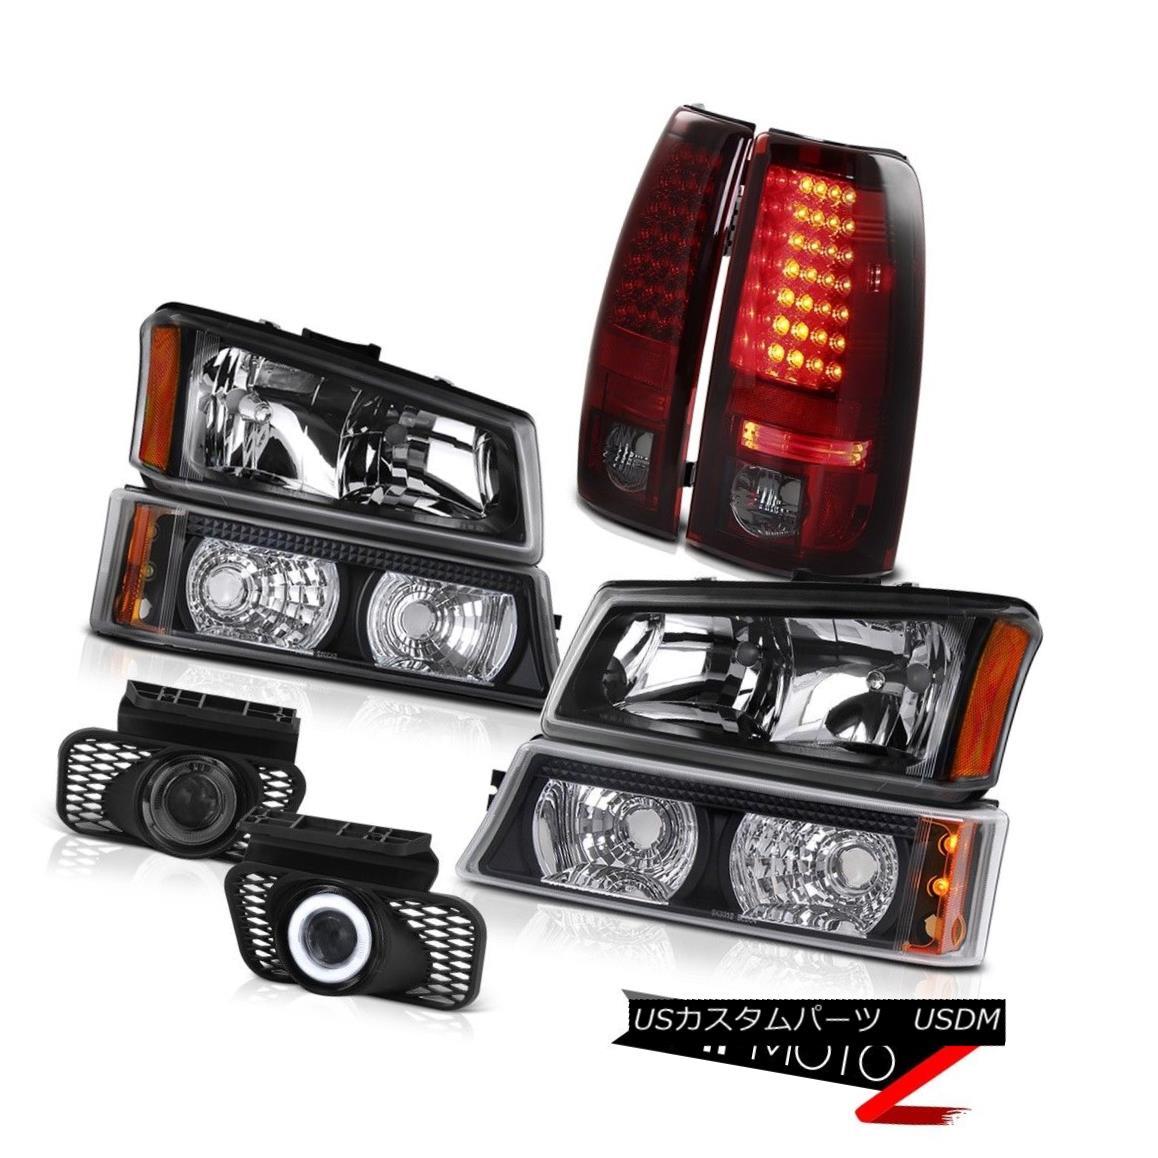 テールライト Pair Black Headlamps Bumper Cherry Tail Light LED Foglamps 03-06 Silverado 1500 ペアブラックヘッドランプバンパーチェリーテールライトLEDフォグランプ03-06 Silverado 1500